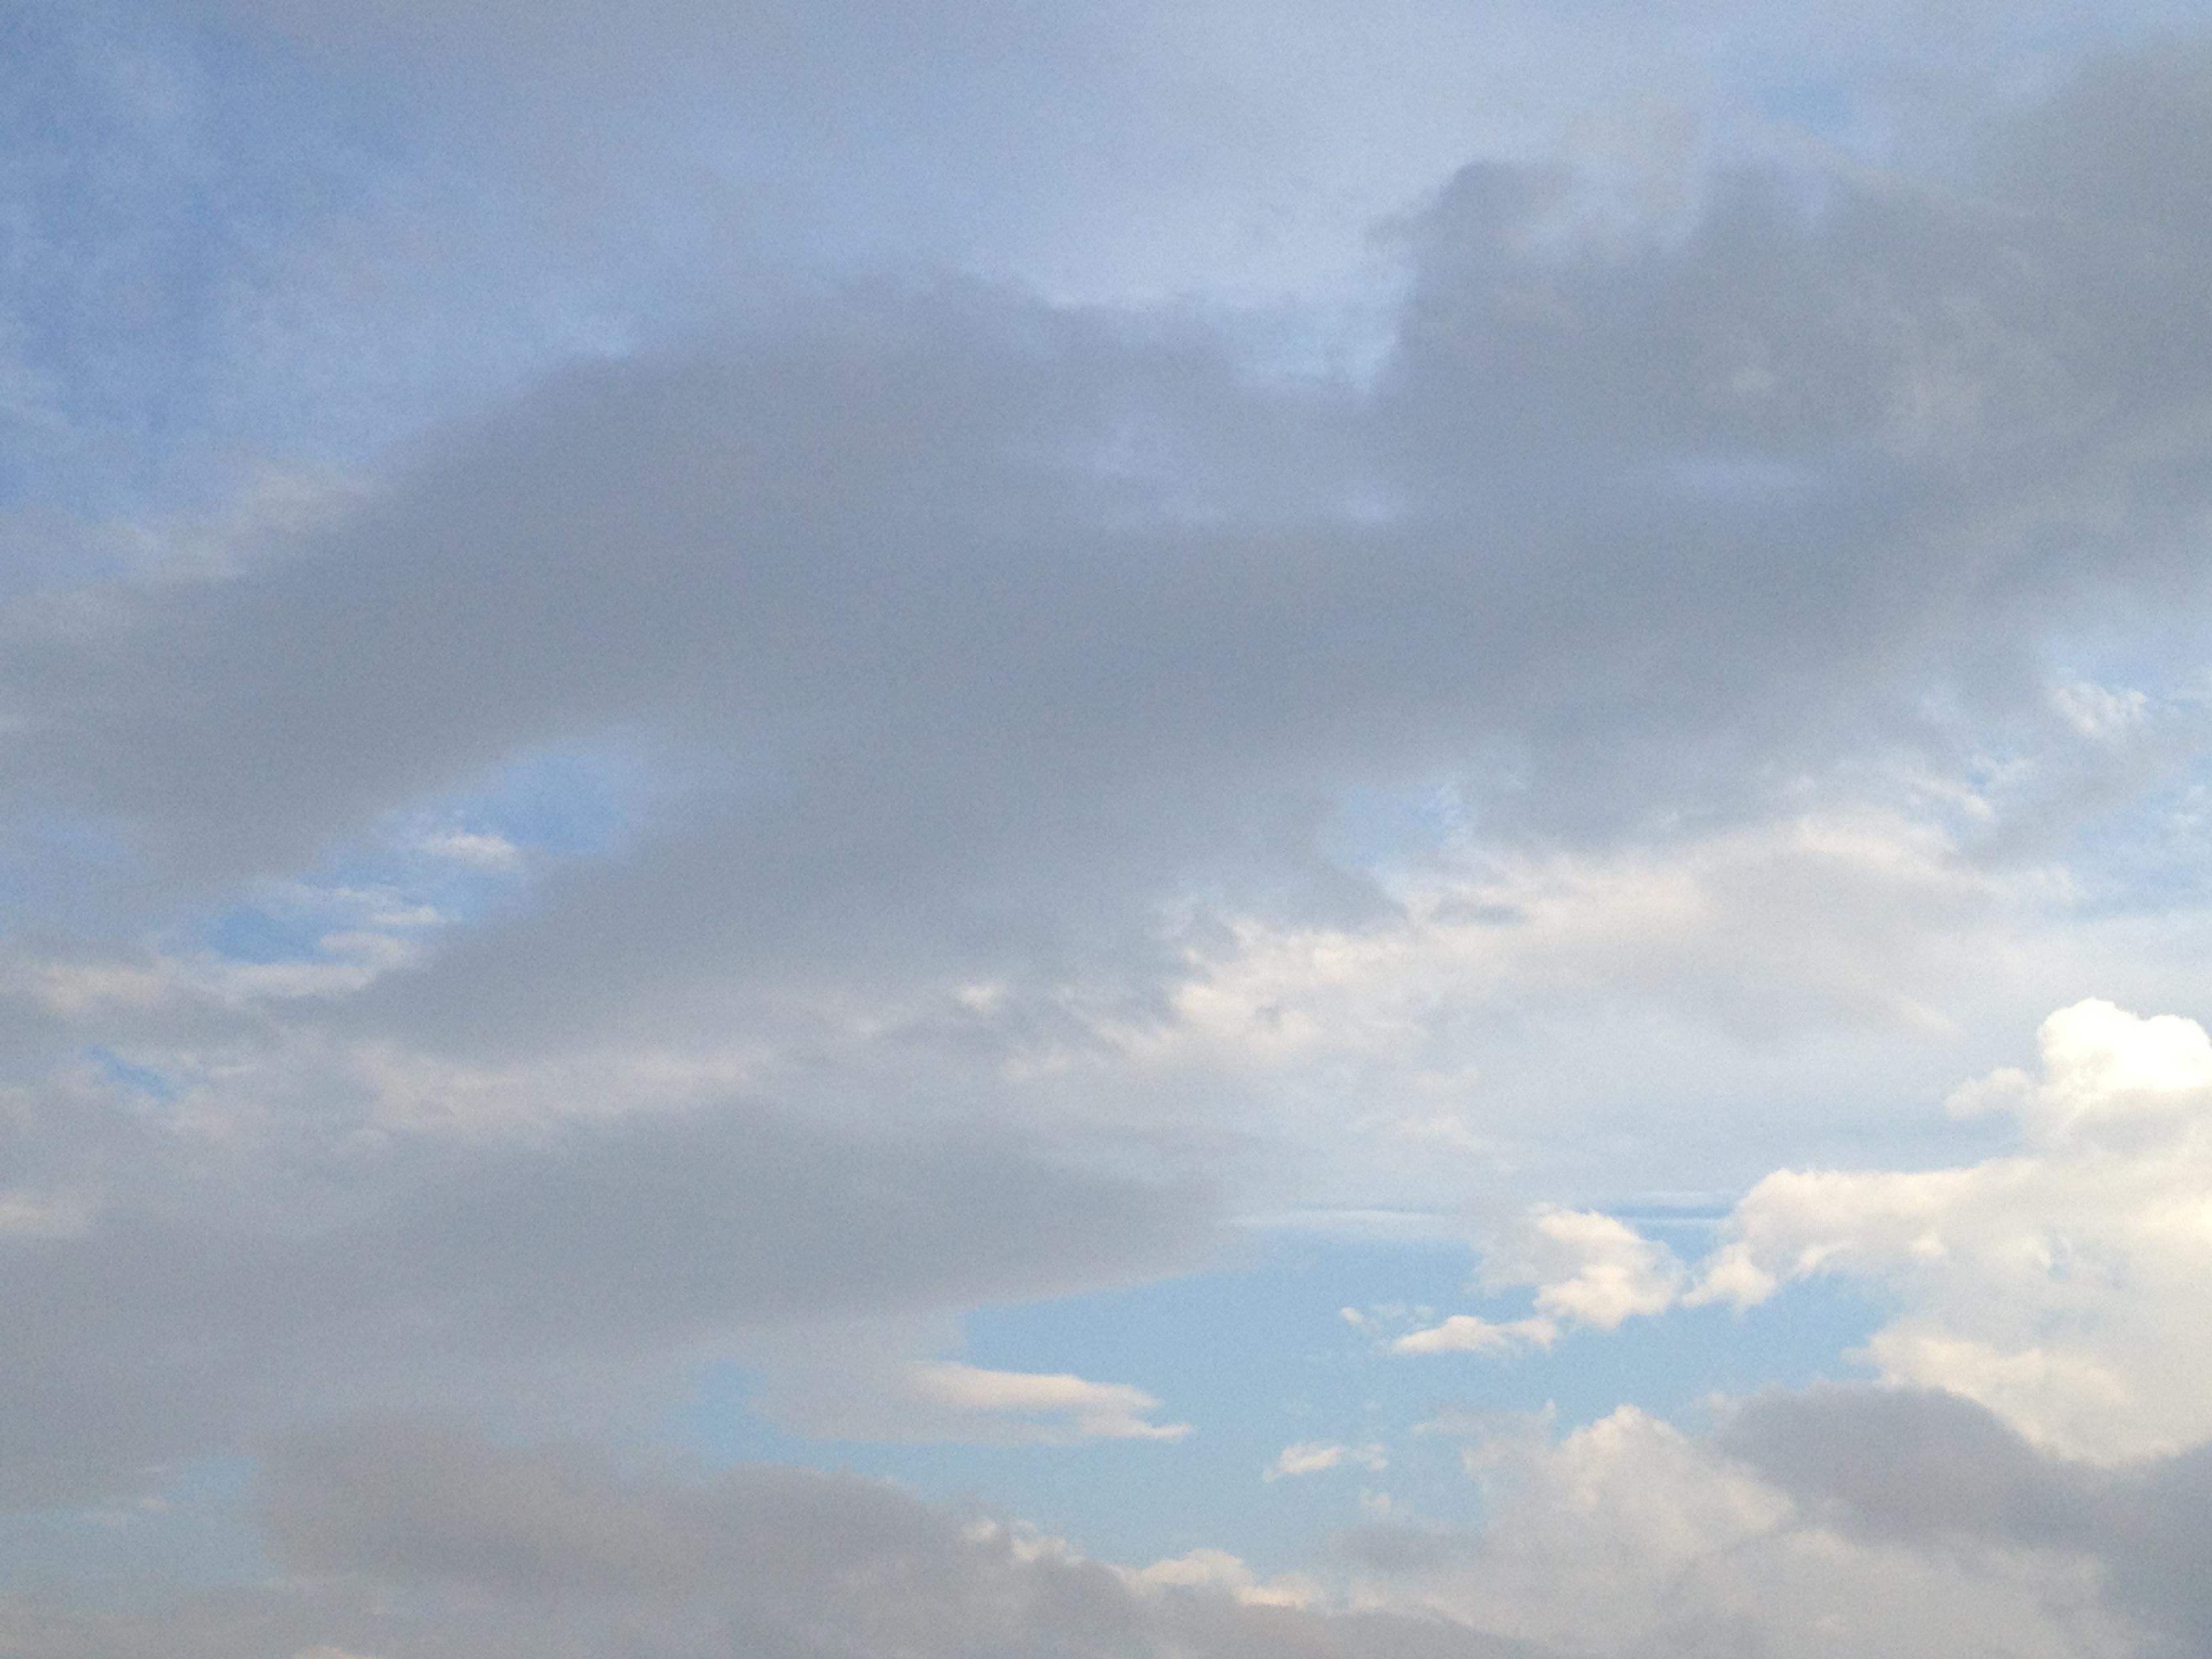 雲の隙間から見える海のような空